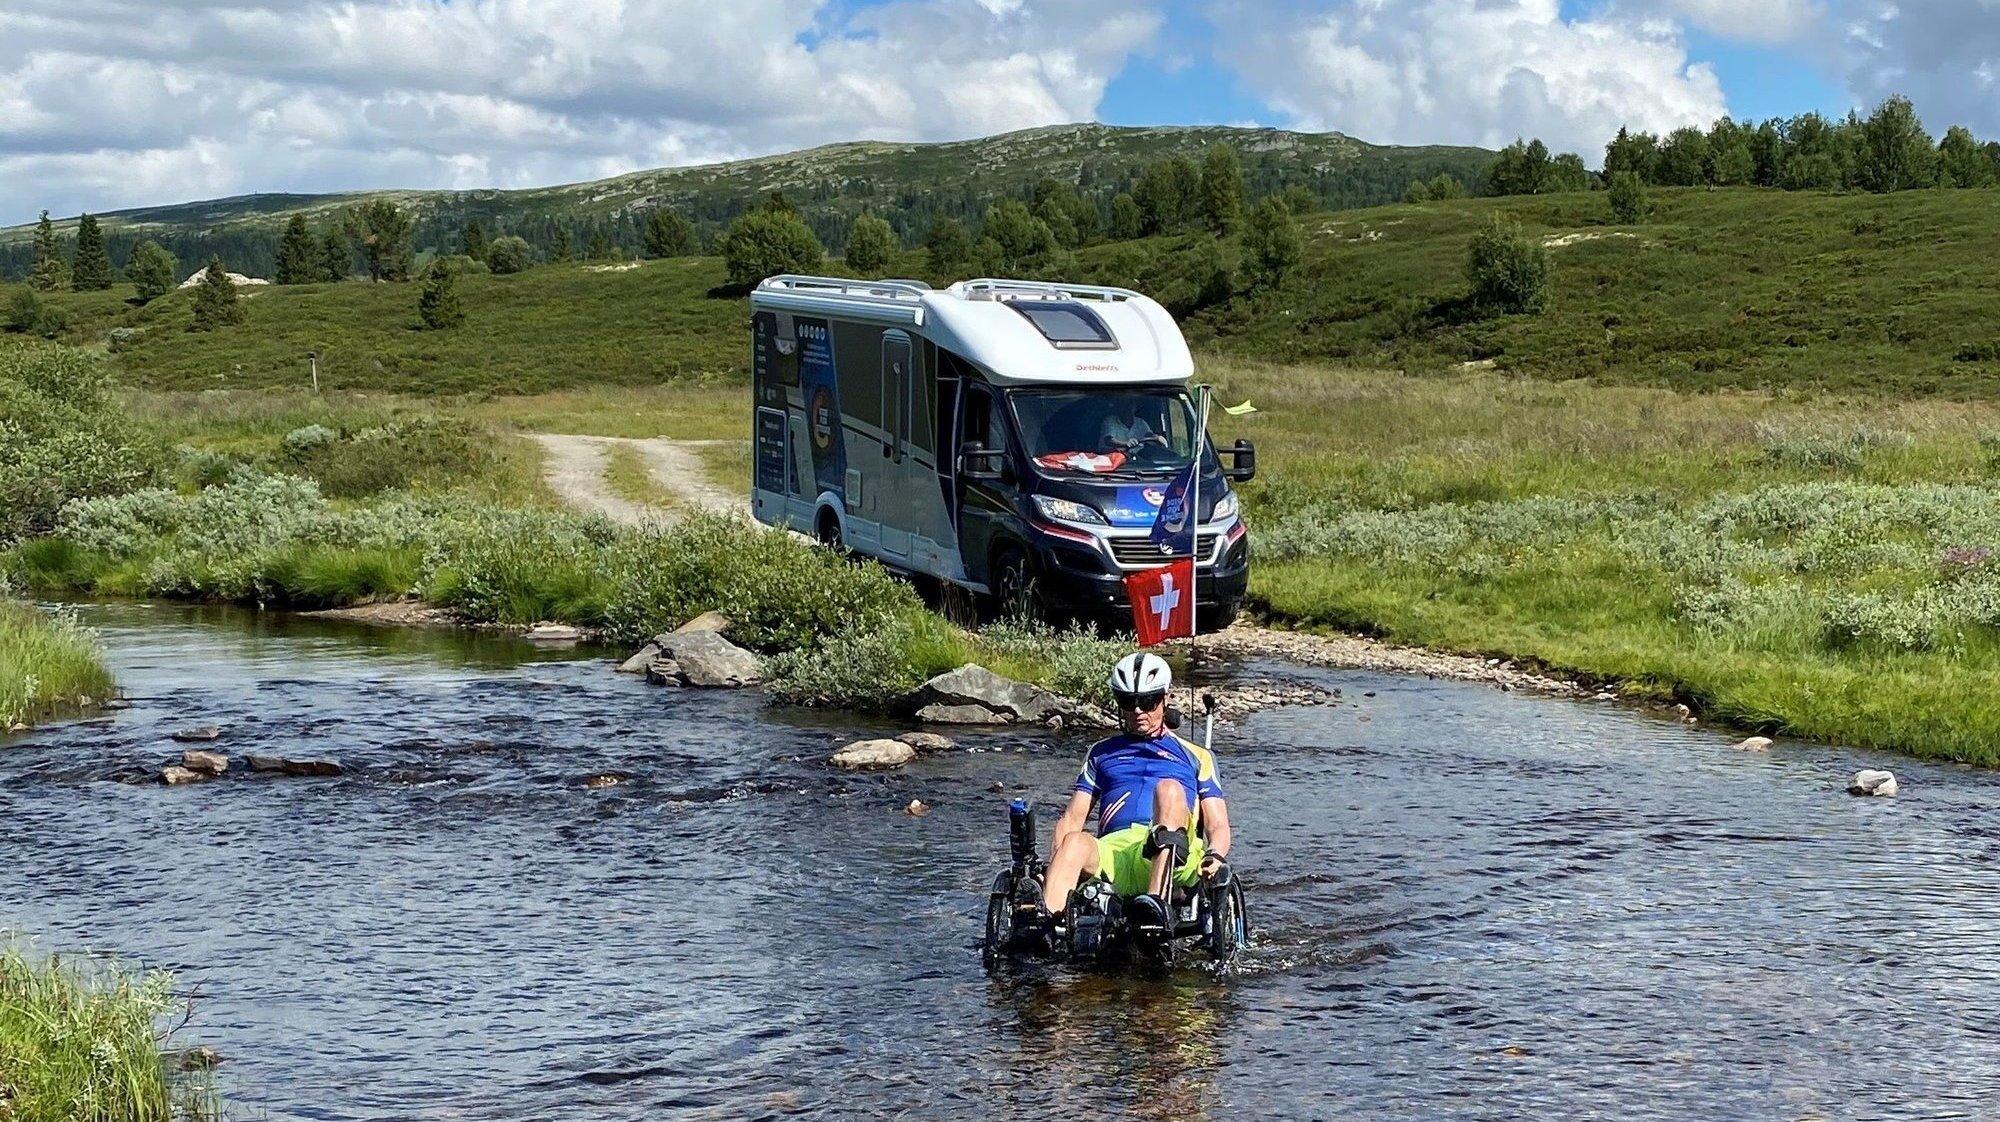 Christian Salamin, suivi par son camping-car, traverse une étendue d'eau.